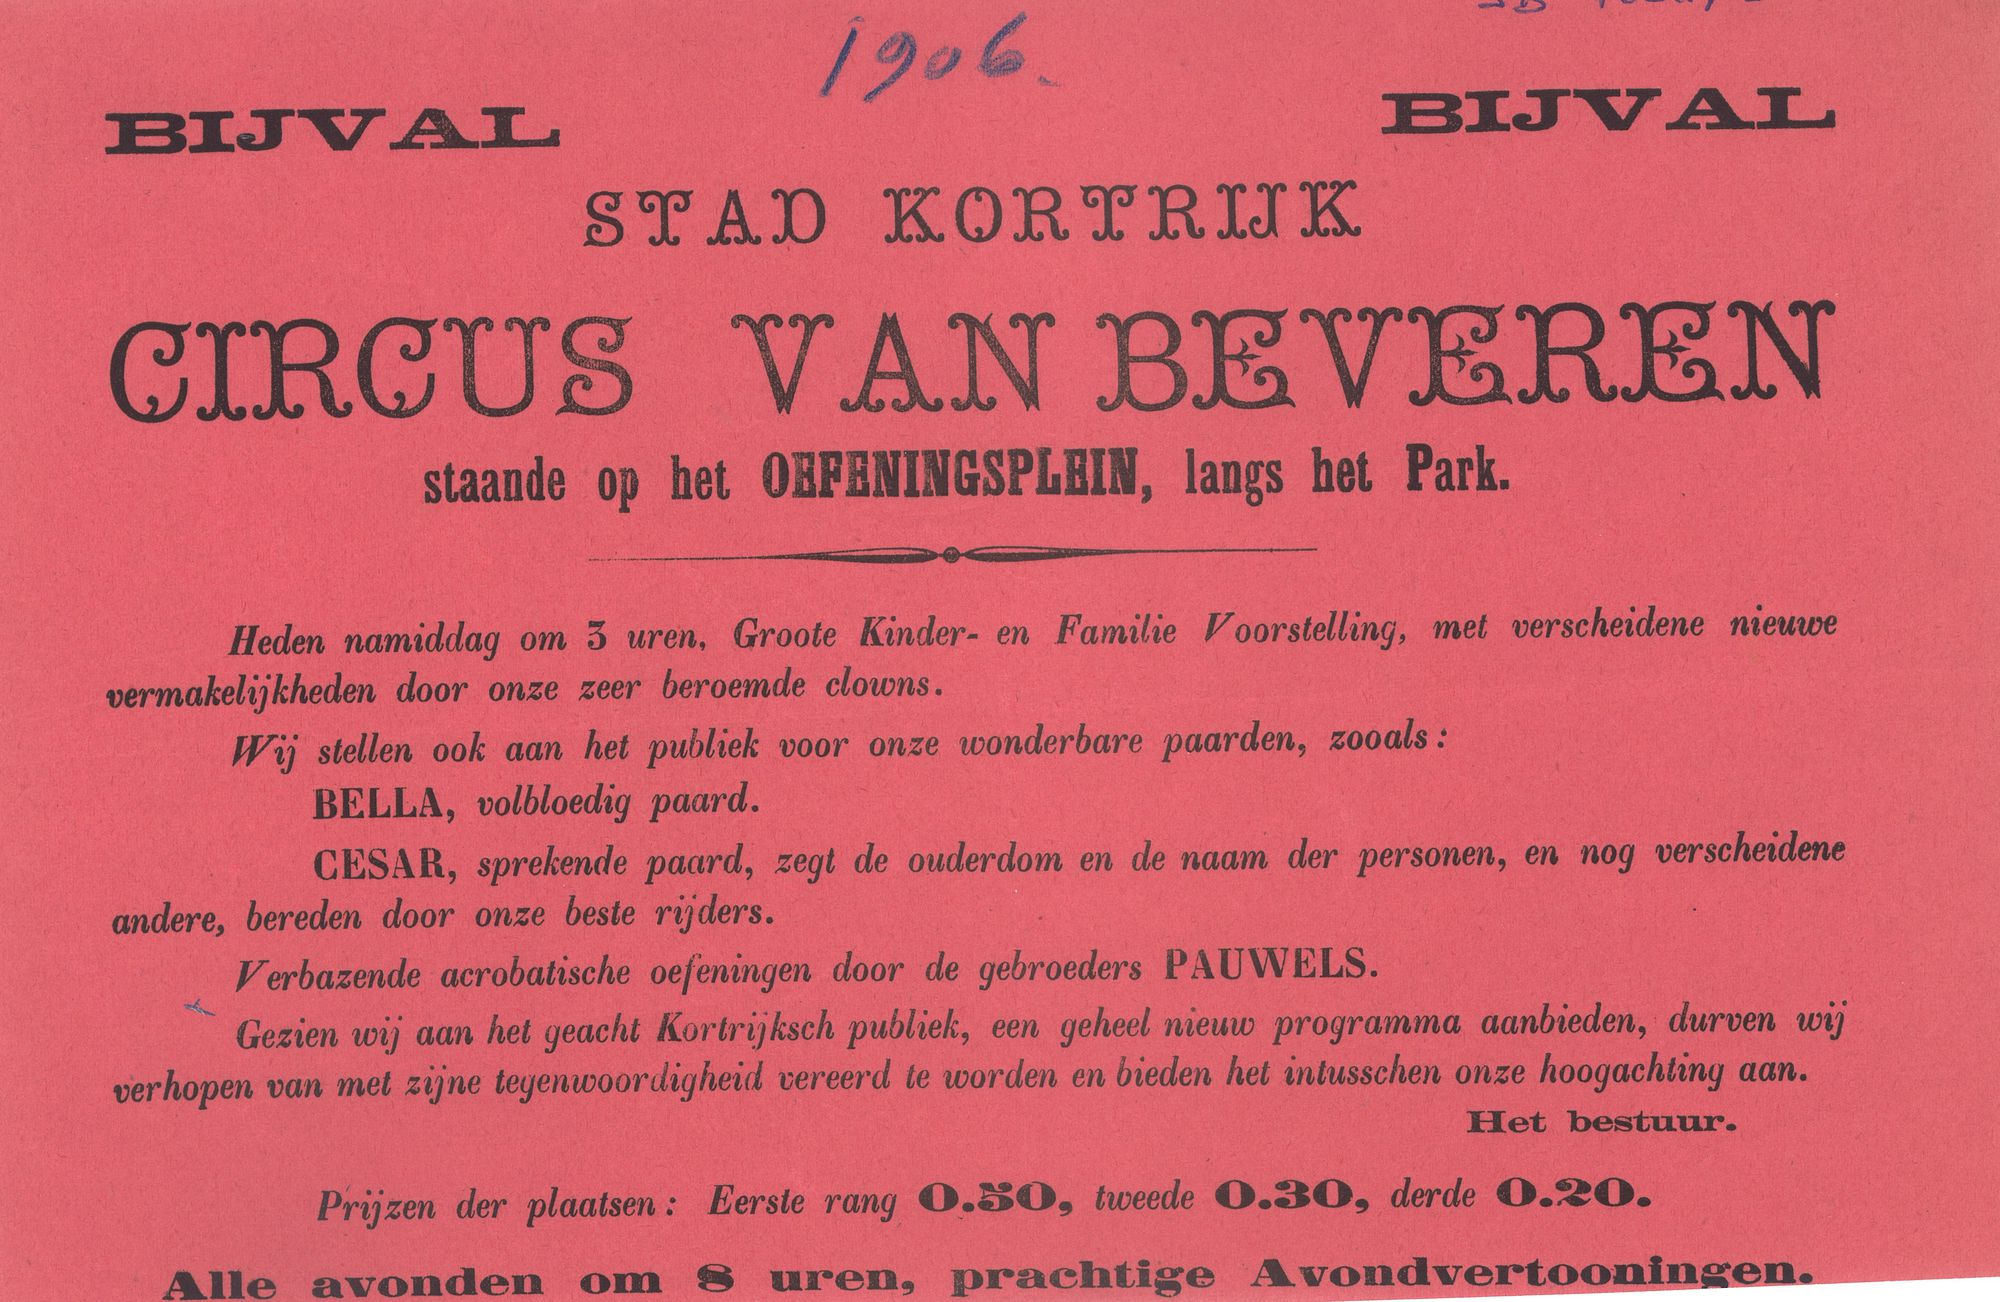 Paasfoor 1906: Circus Van Beveren